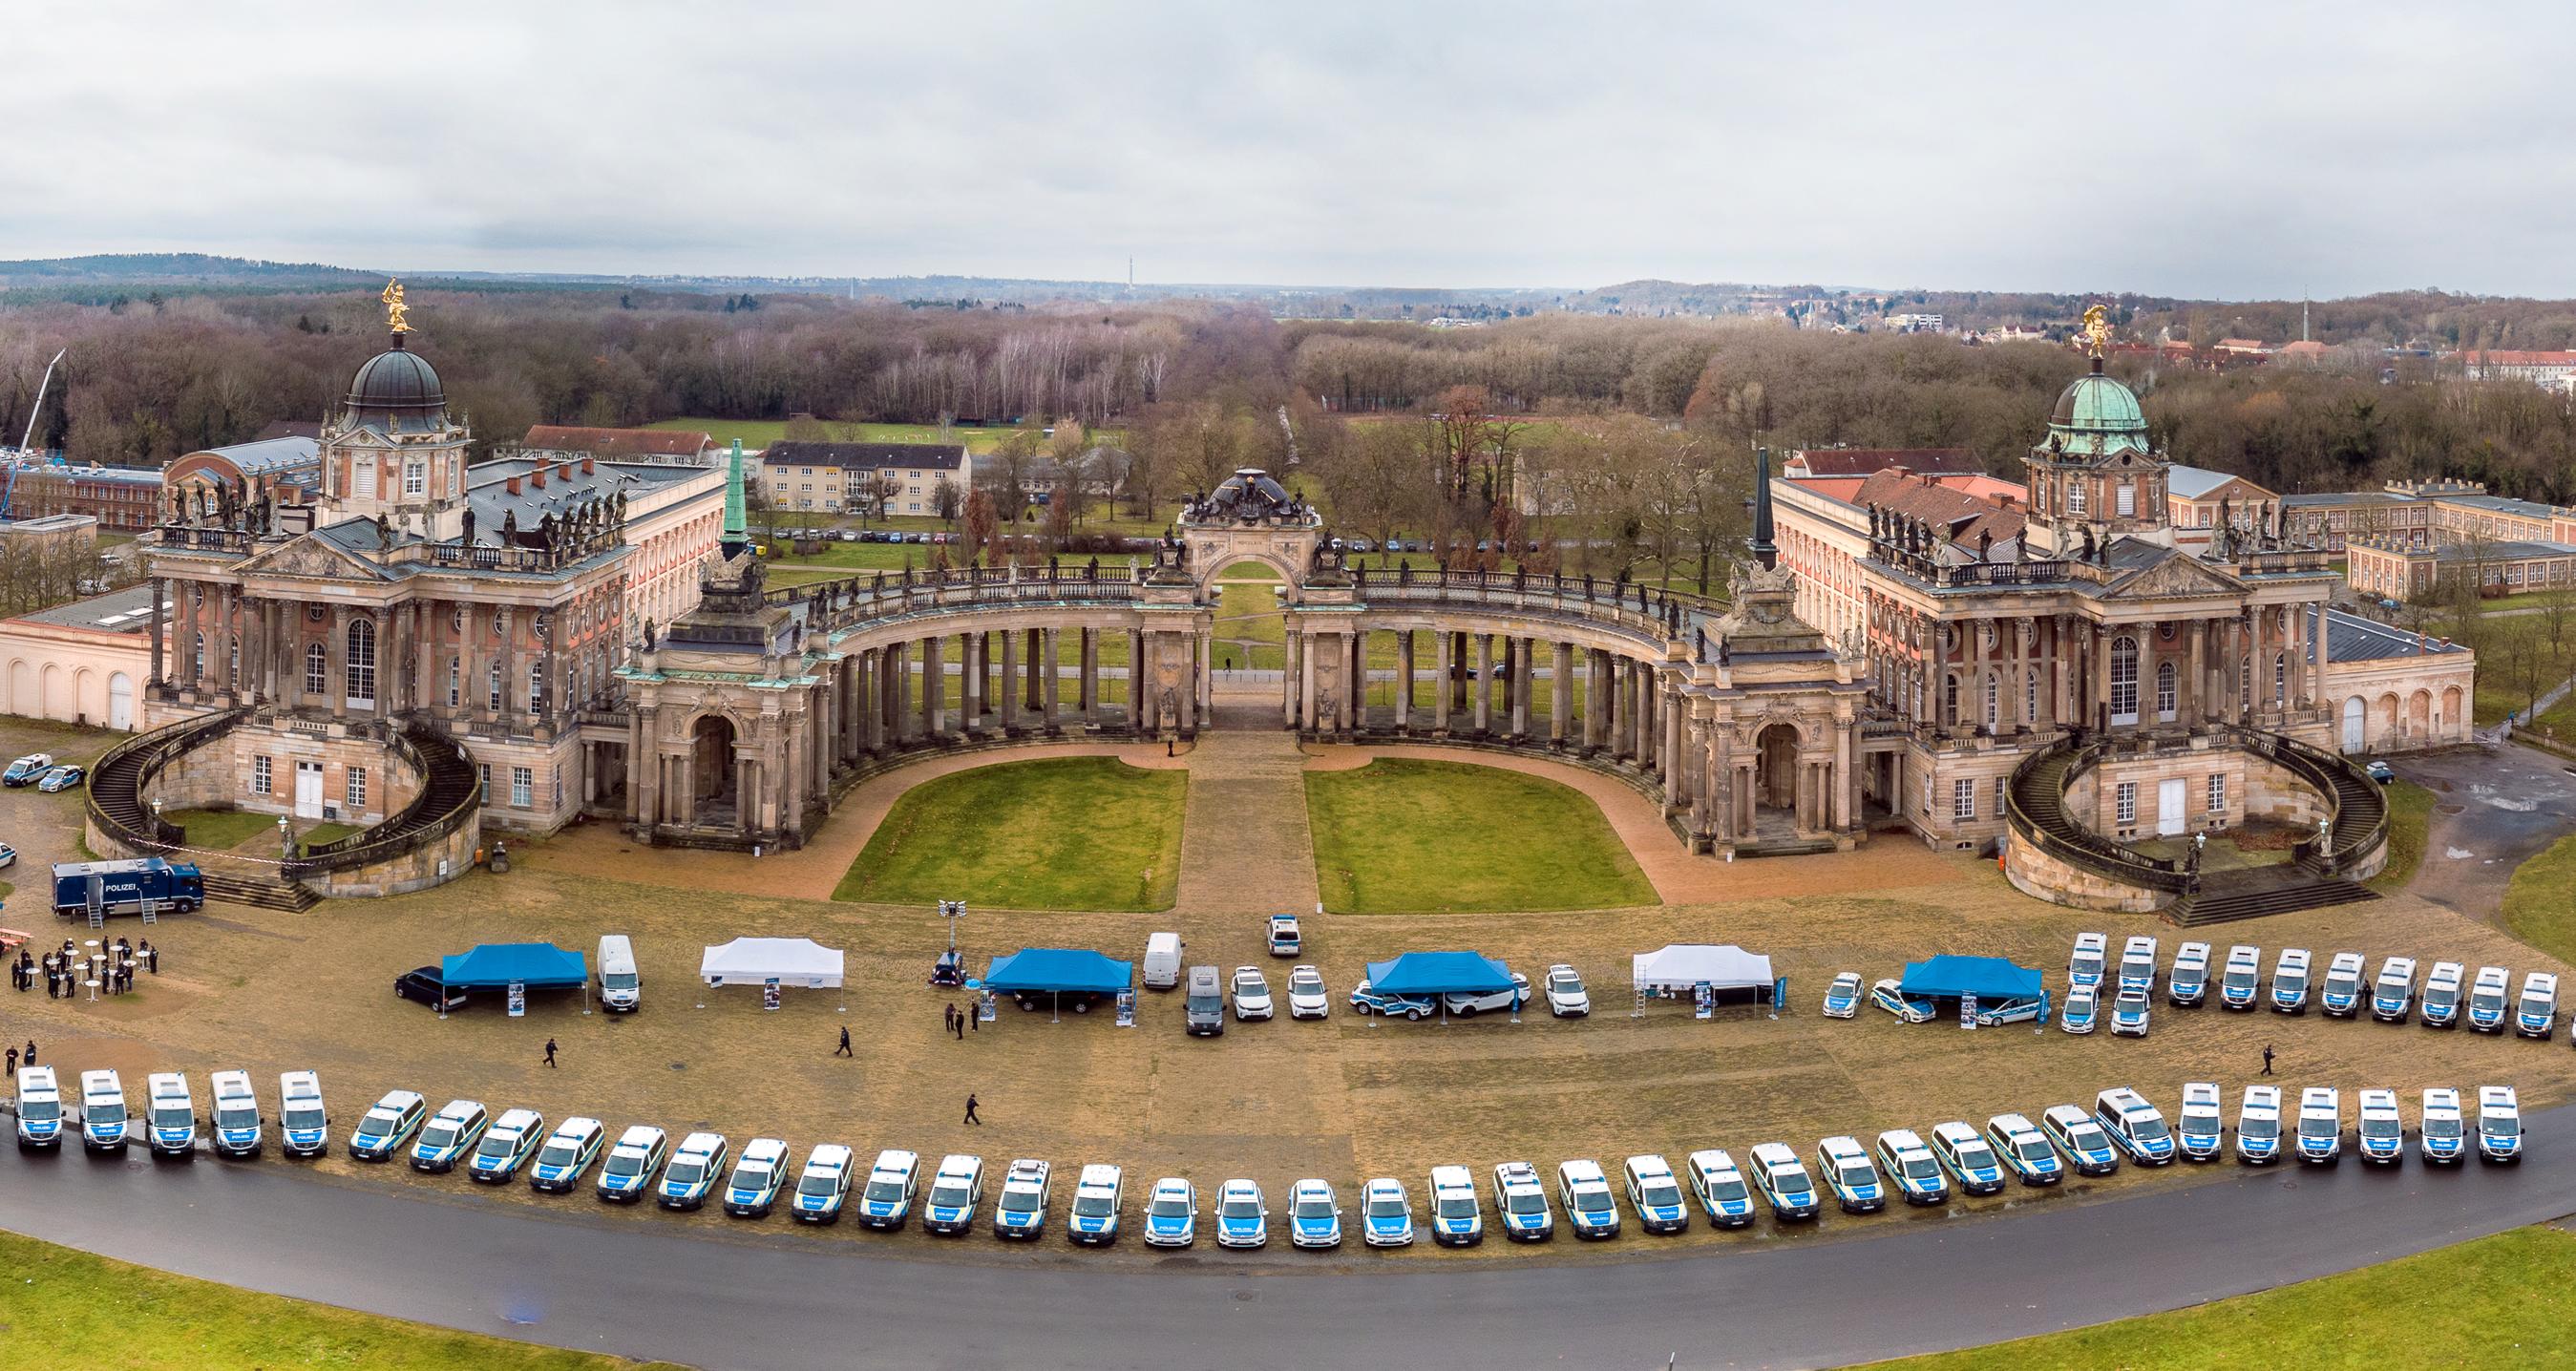 Vogelperspektive auf das Potsdamer Schloss Sanssouci. Im Vordergrund Fahrzeuge der Bundespolizei.